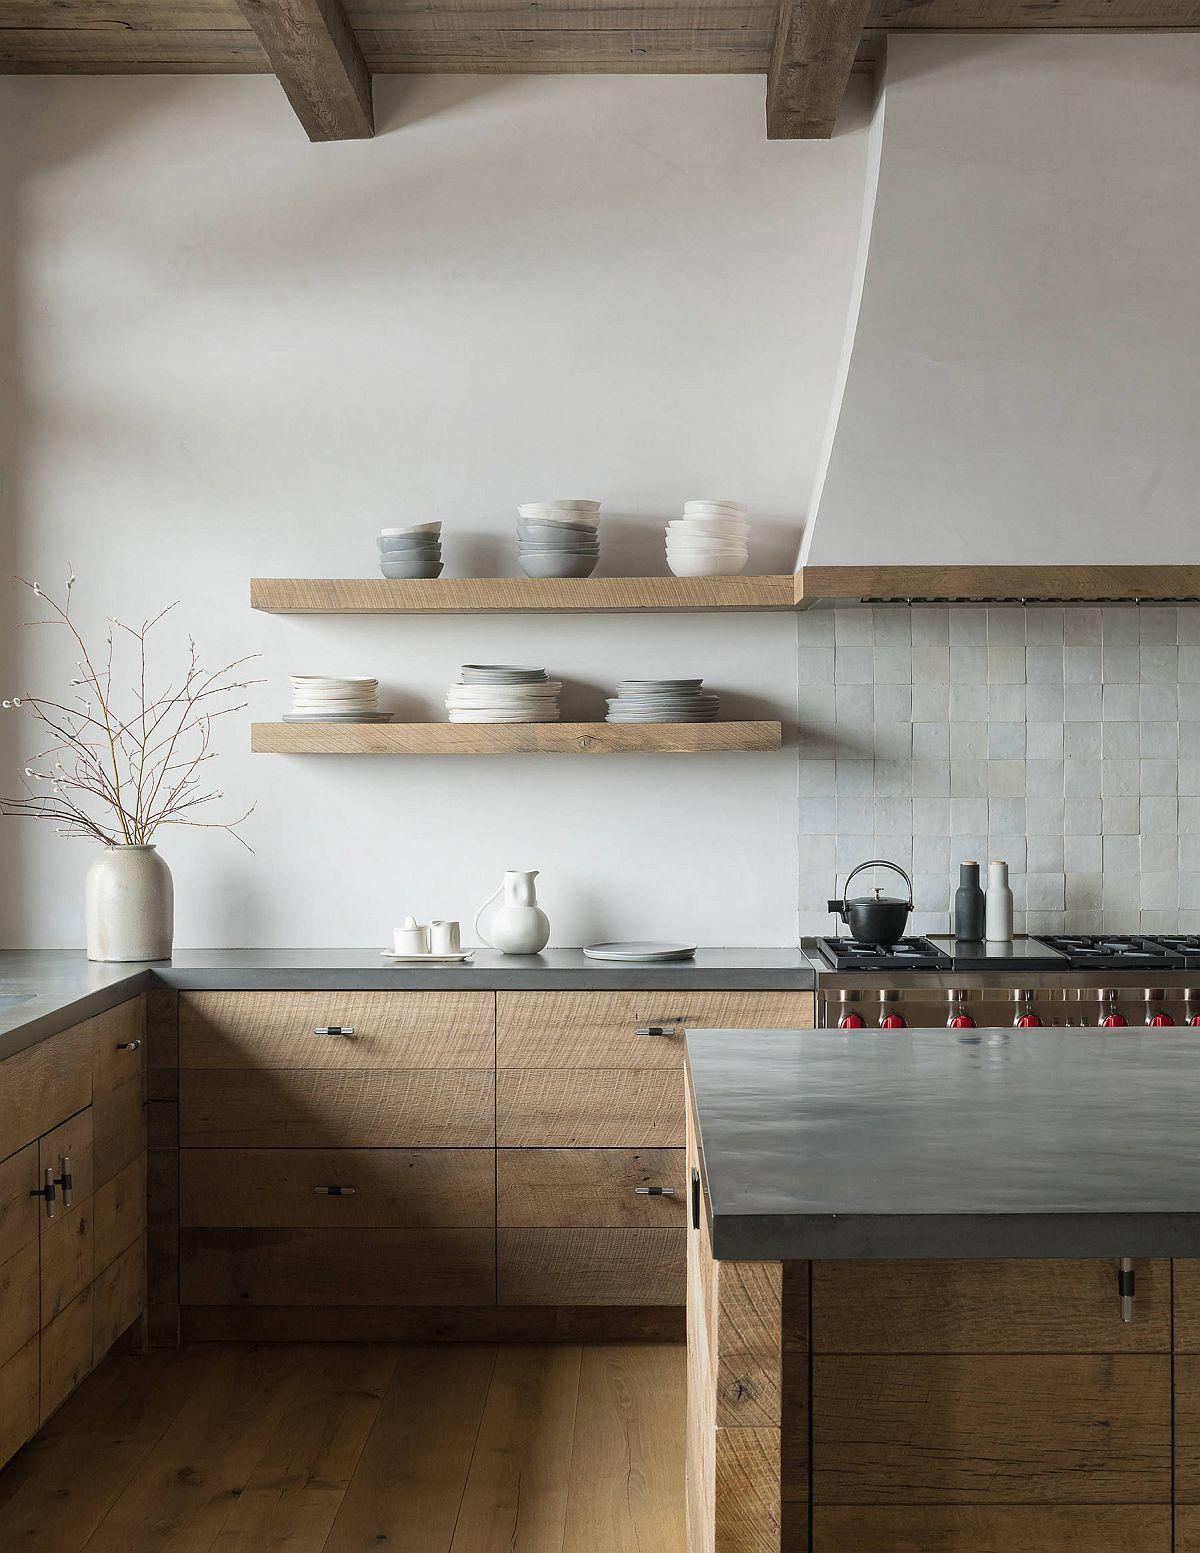 Le bois et le blanc sont une palette de couleurs populaire dans la cuisine moderne